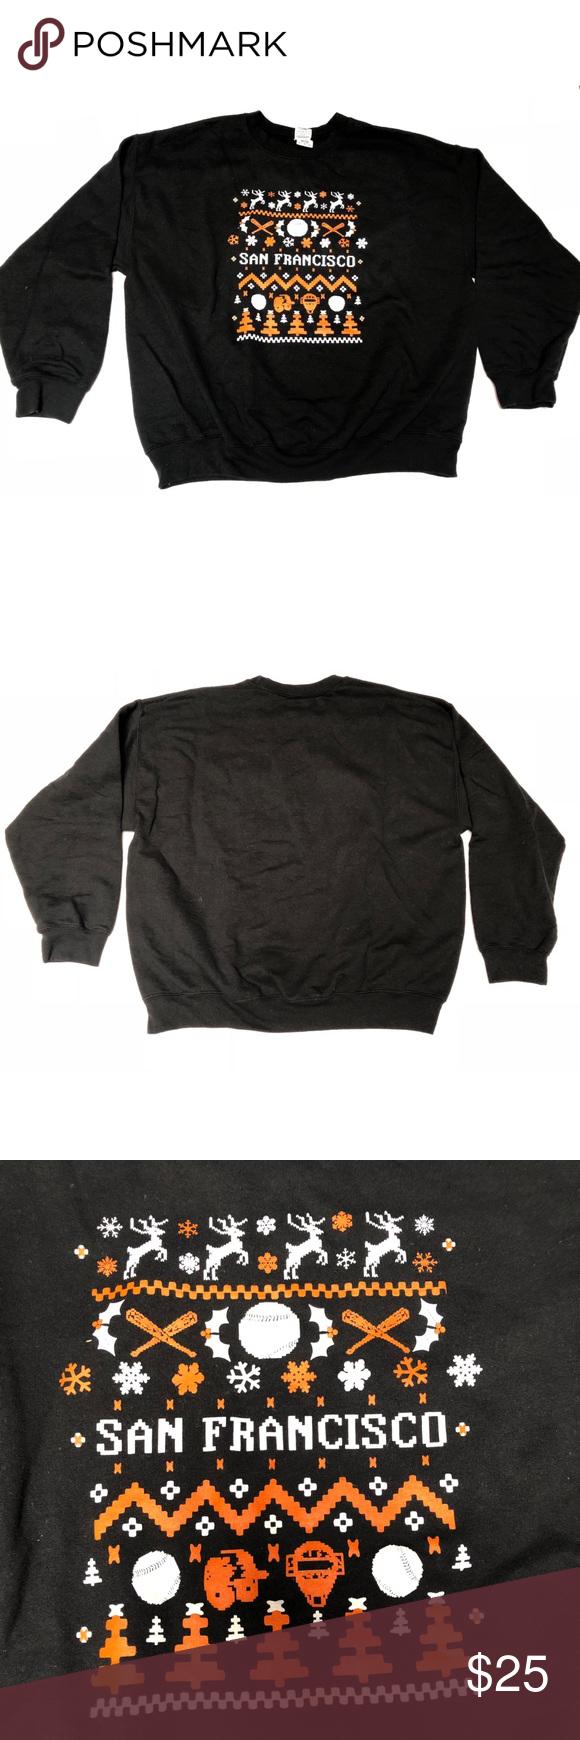 Predownload: San Francisco Giants Christmas Sweater Size Xl Sweater Sizes Sweaters Christmas Sweaters [ 1740 x 580 Pixel ]